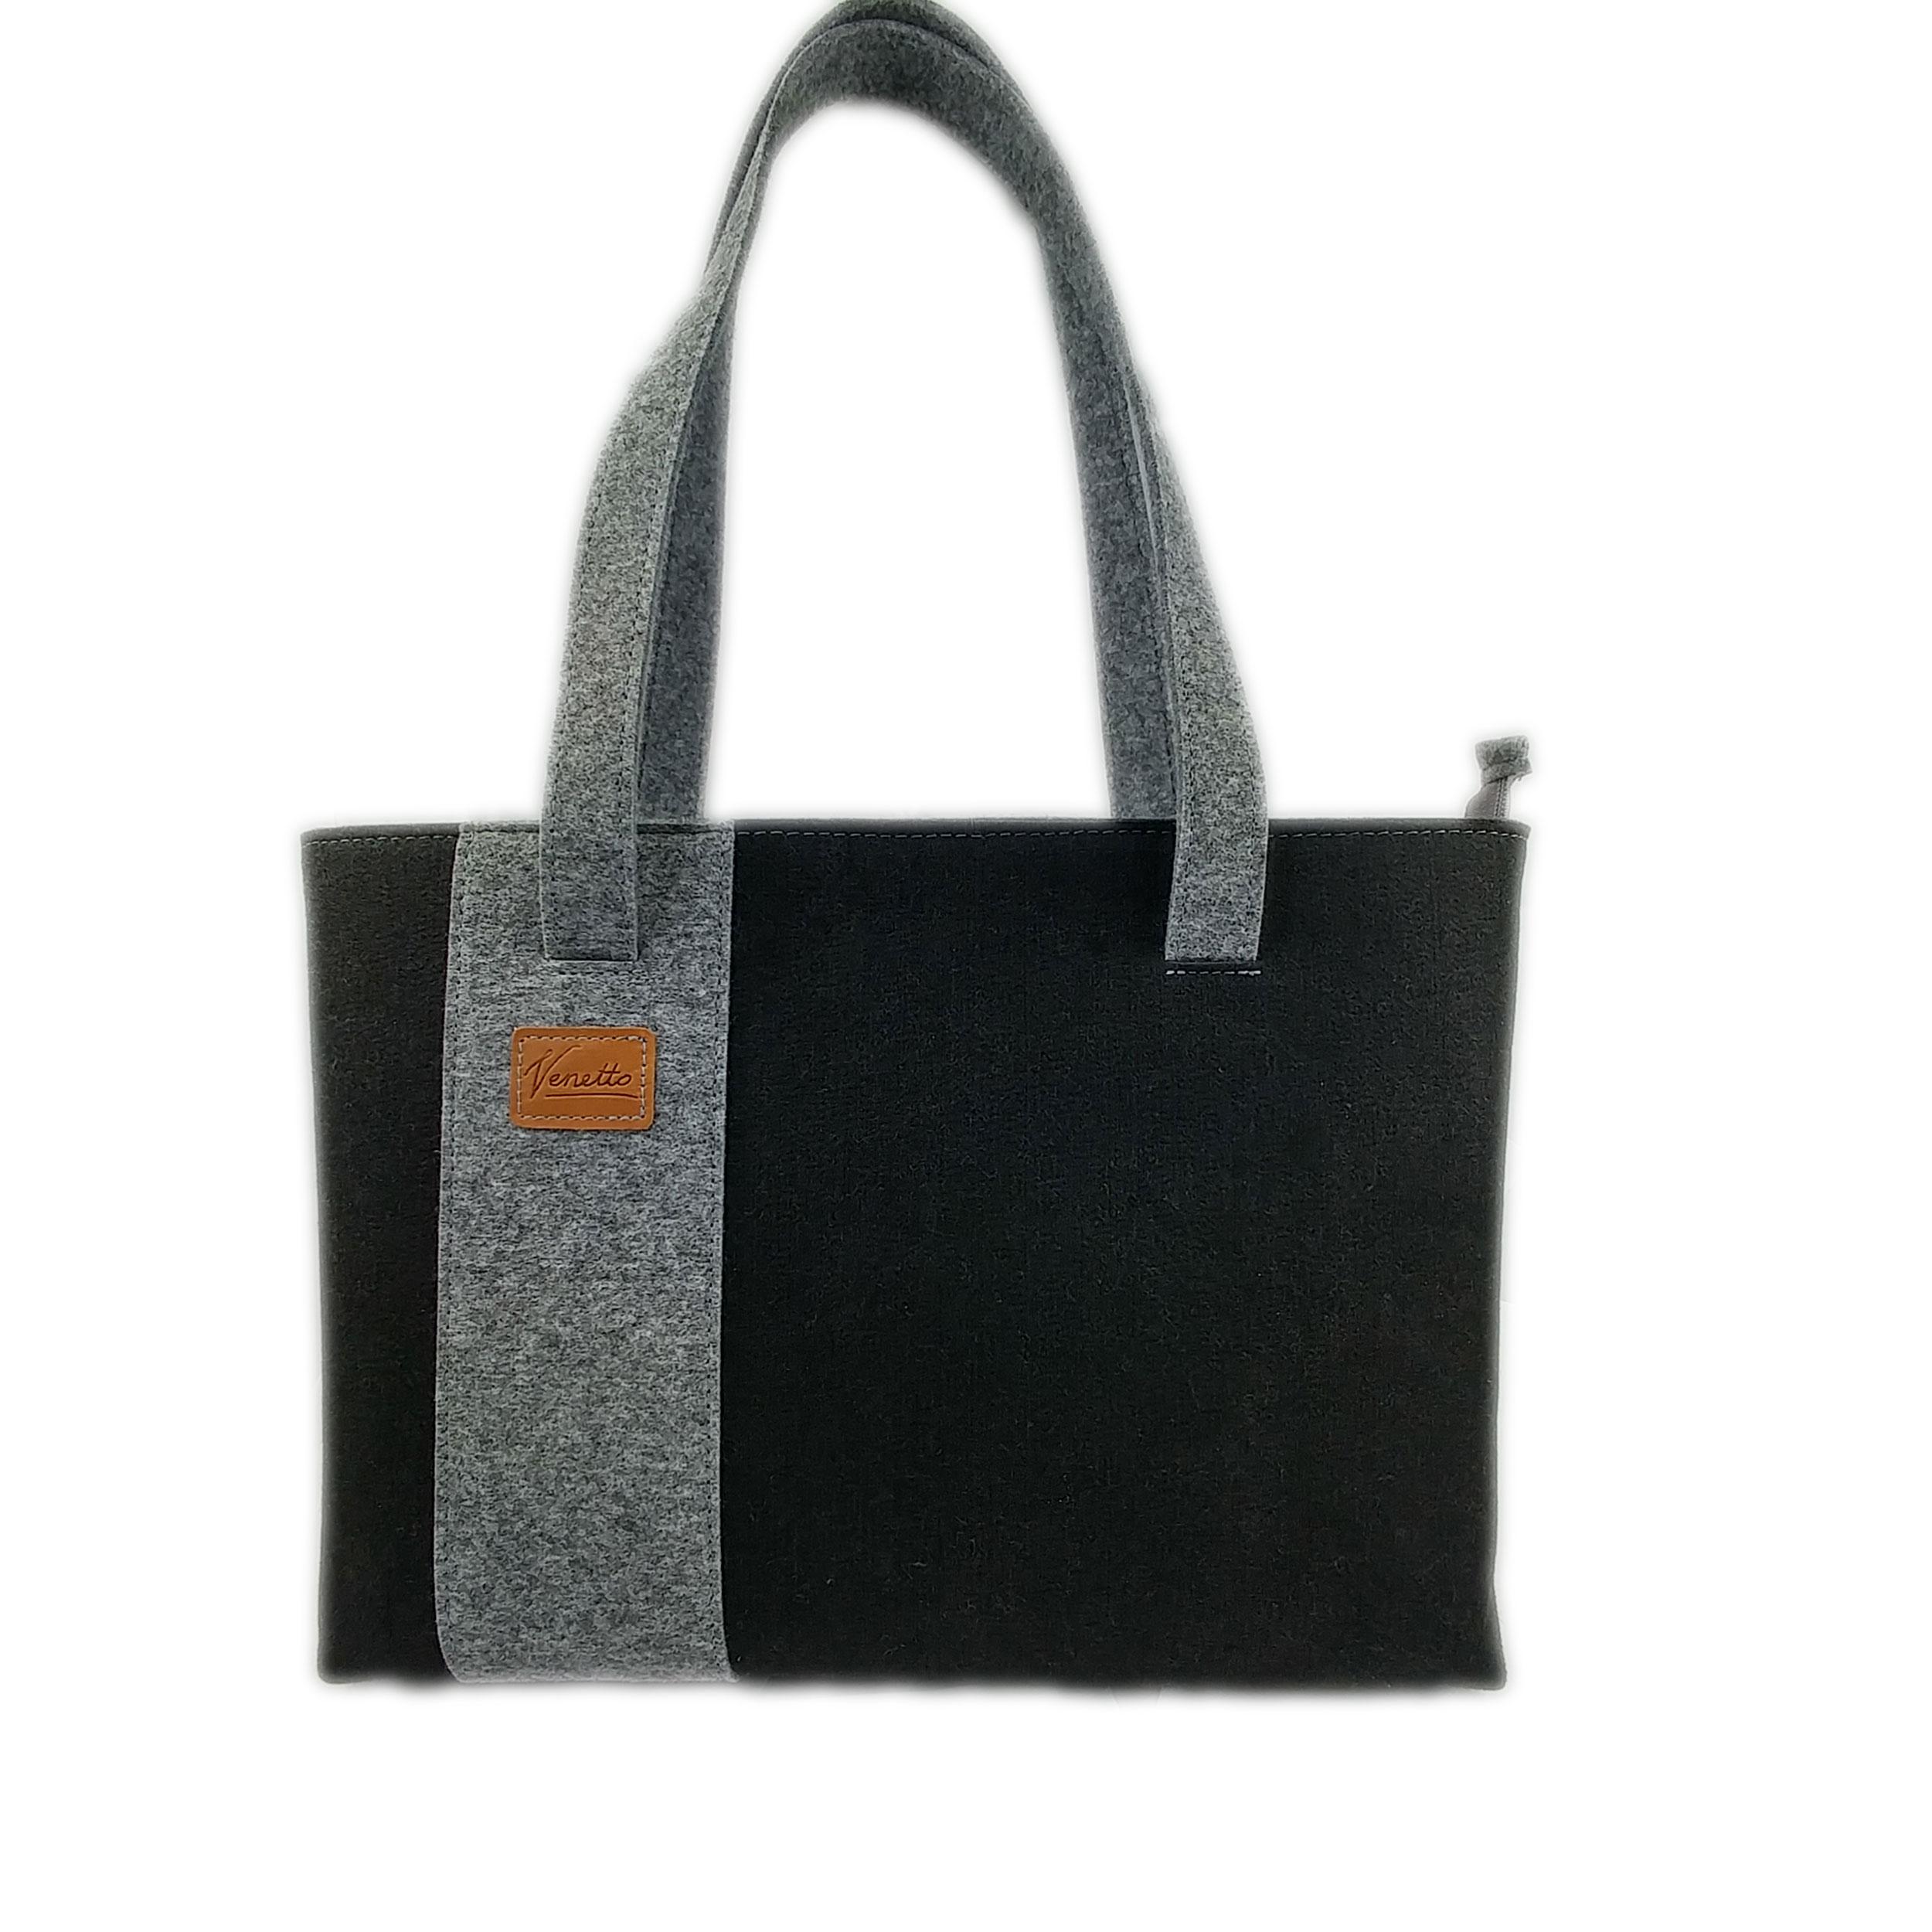 Shopper aus Filz und Leder made in Germany